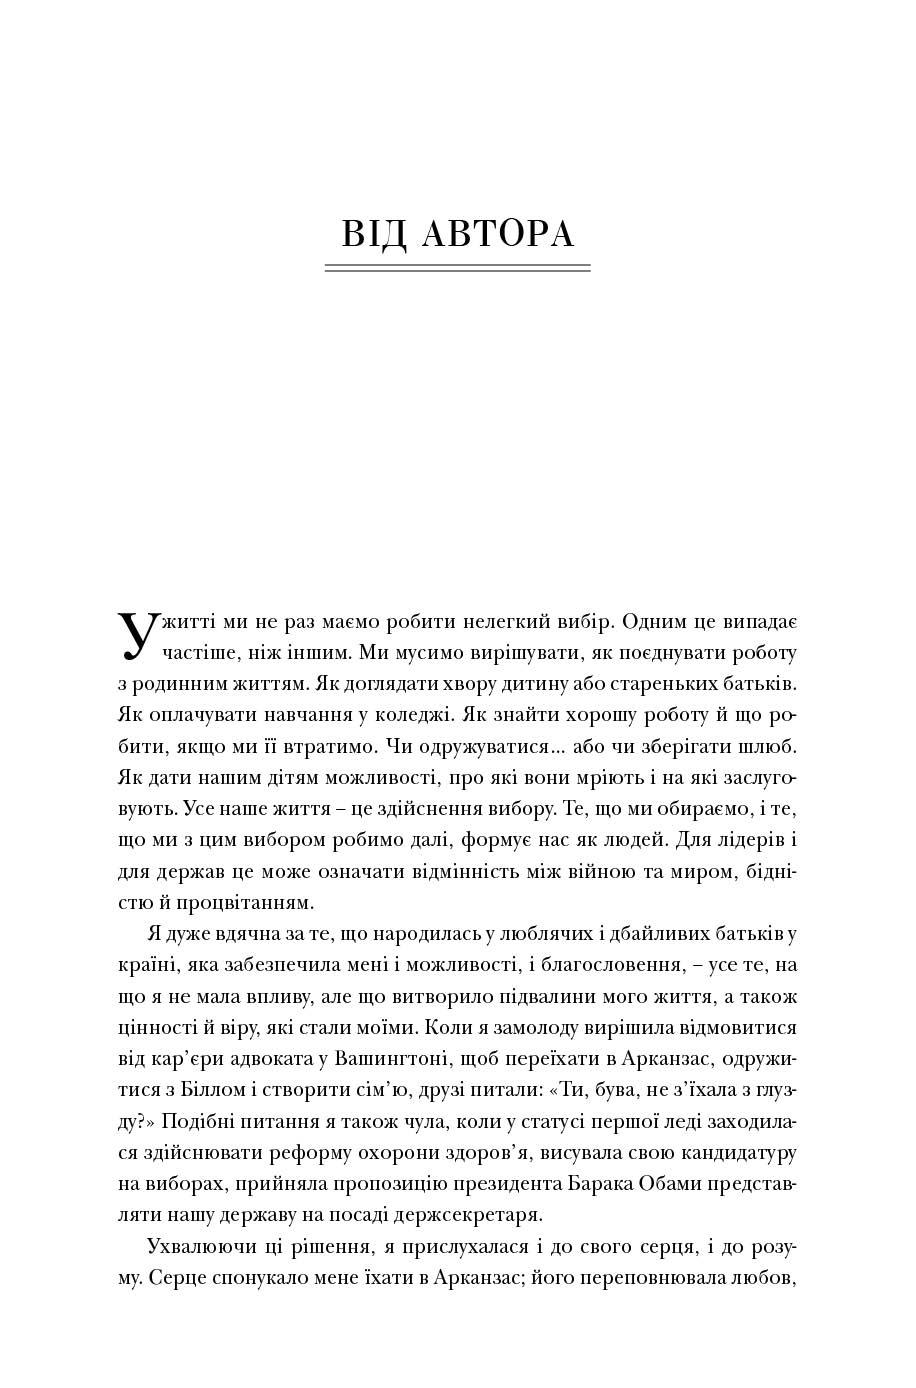 книга Важкі рішення клінтон 4